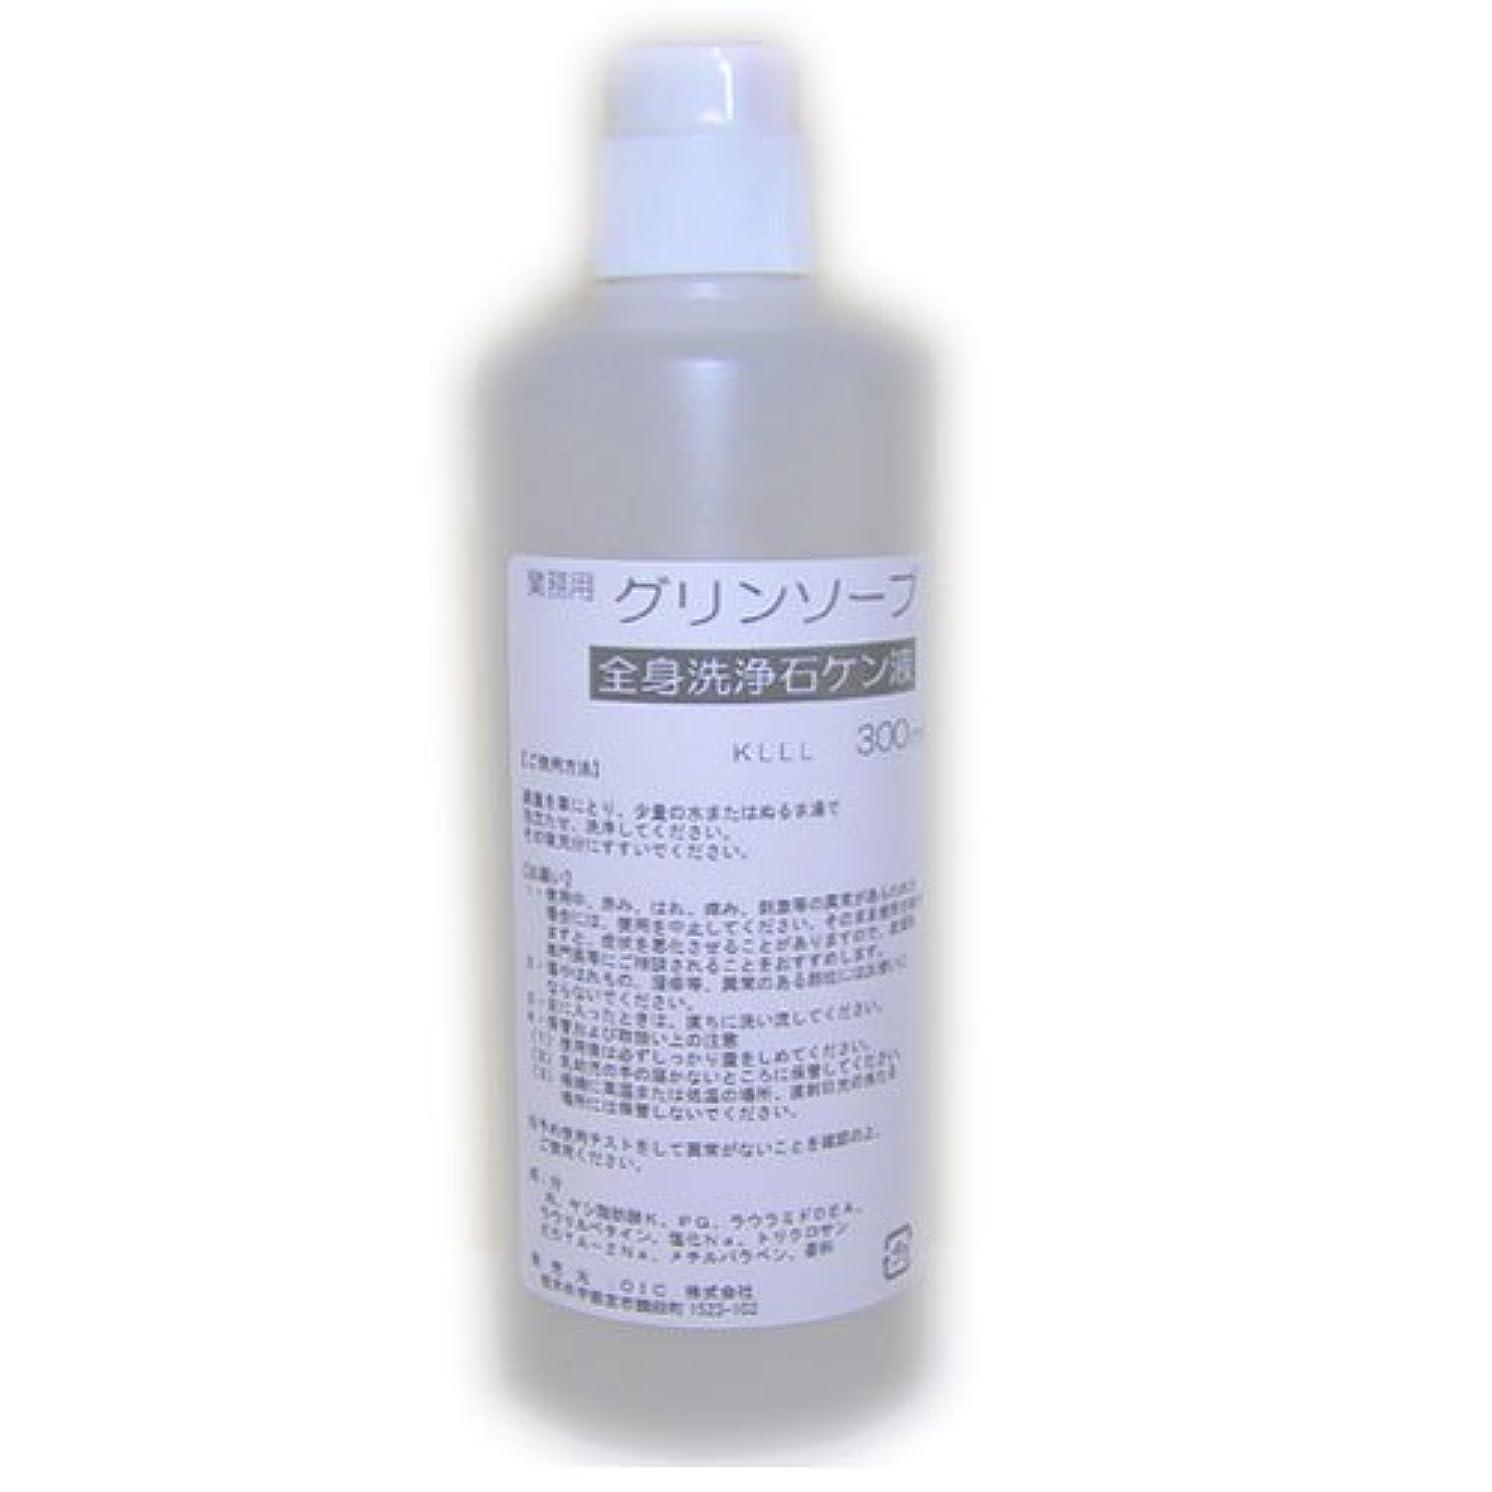 ハンカチノーブル終了する業務用ボディソープ 殺菌成分配合?消毒石鹸液 グリンソープ (300ml)